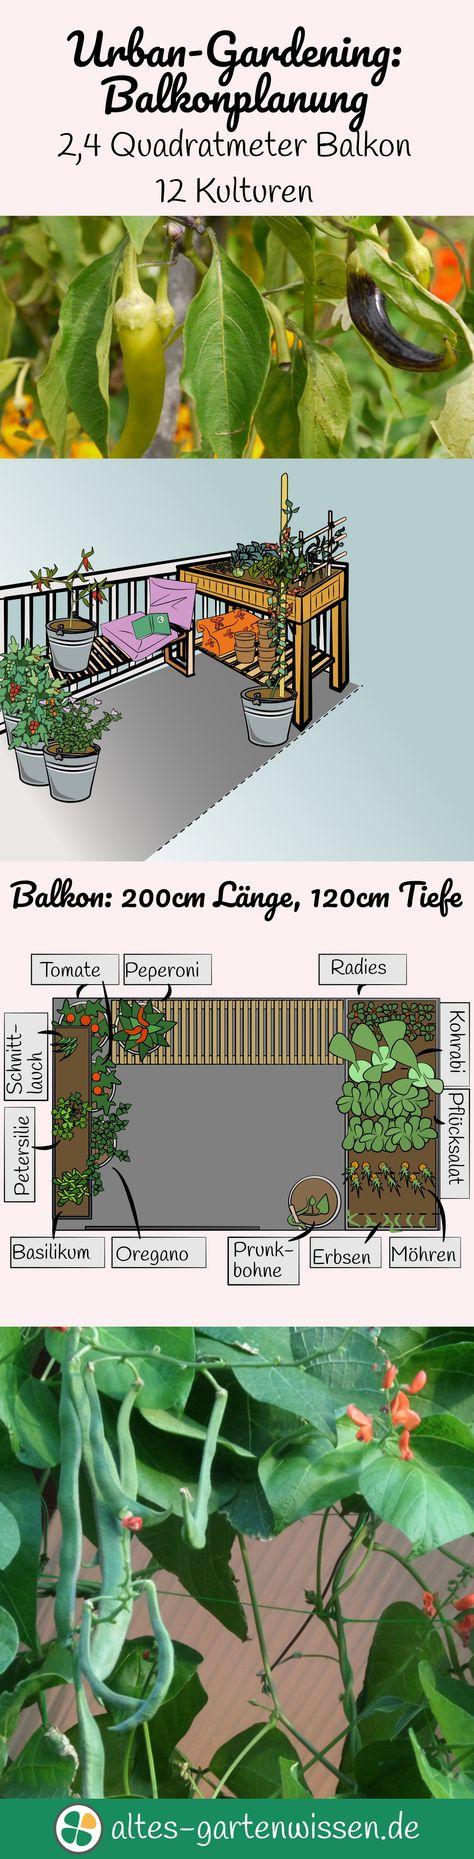 17+ 8 Balkon Ideen   balkon, balkon dekor, balkon design Stock